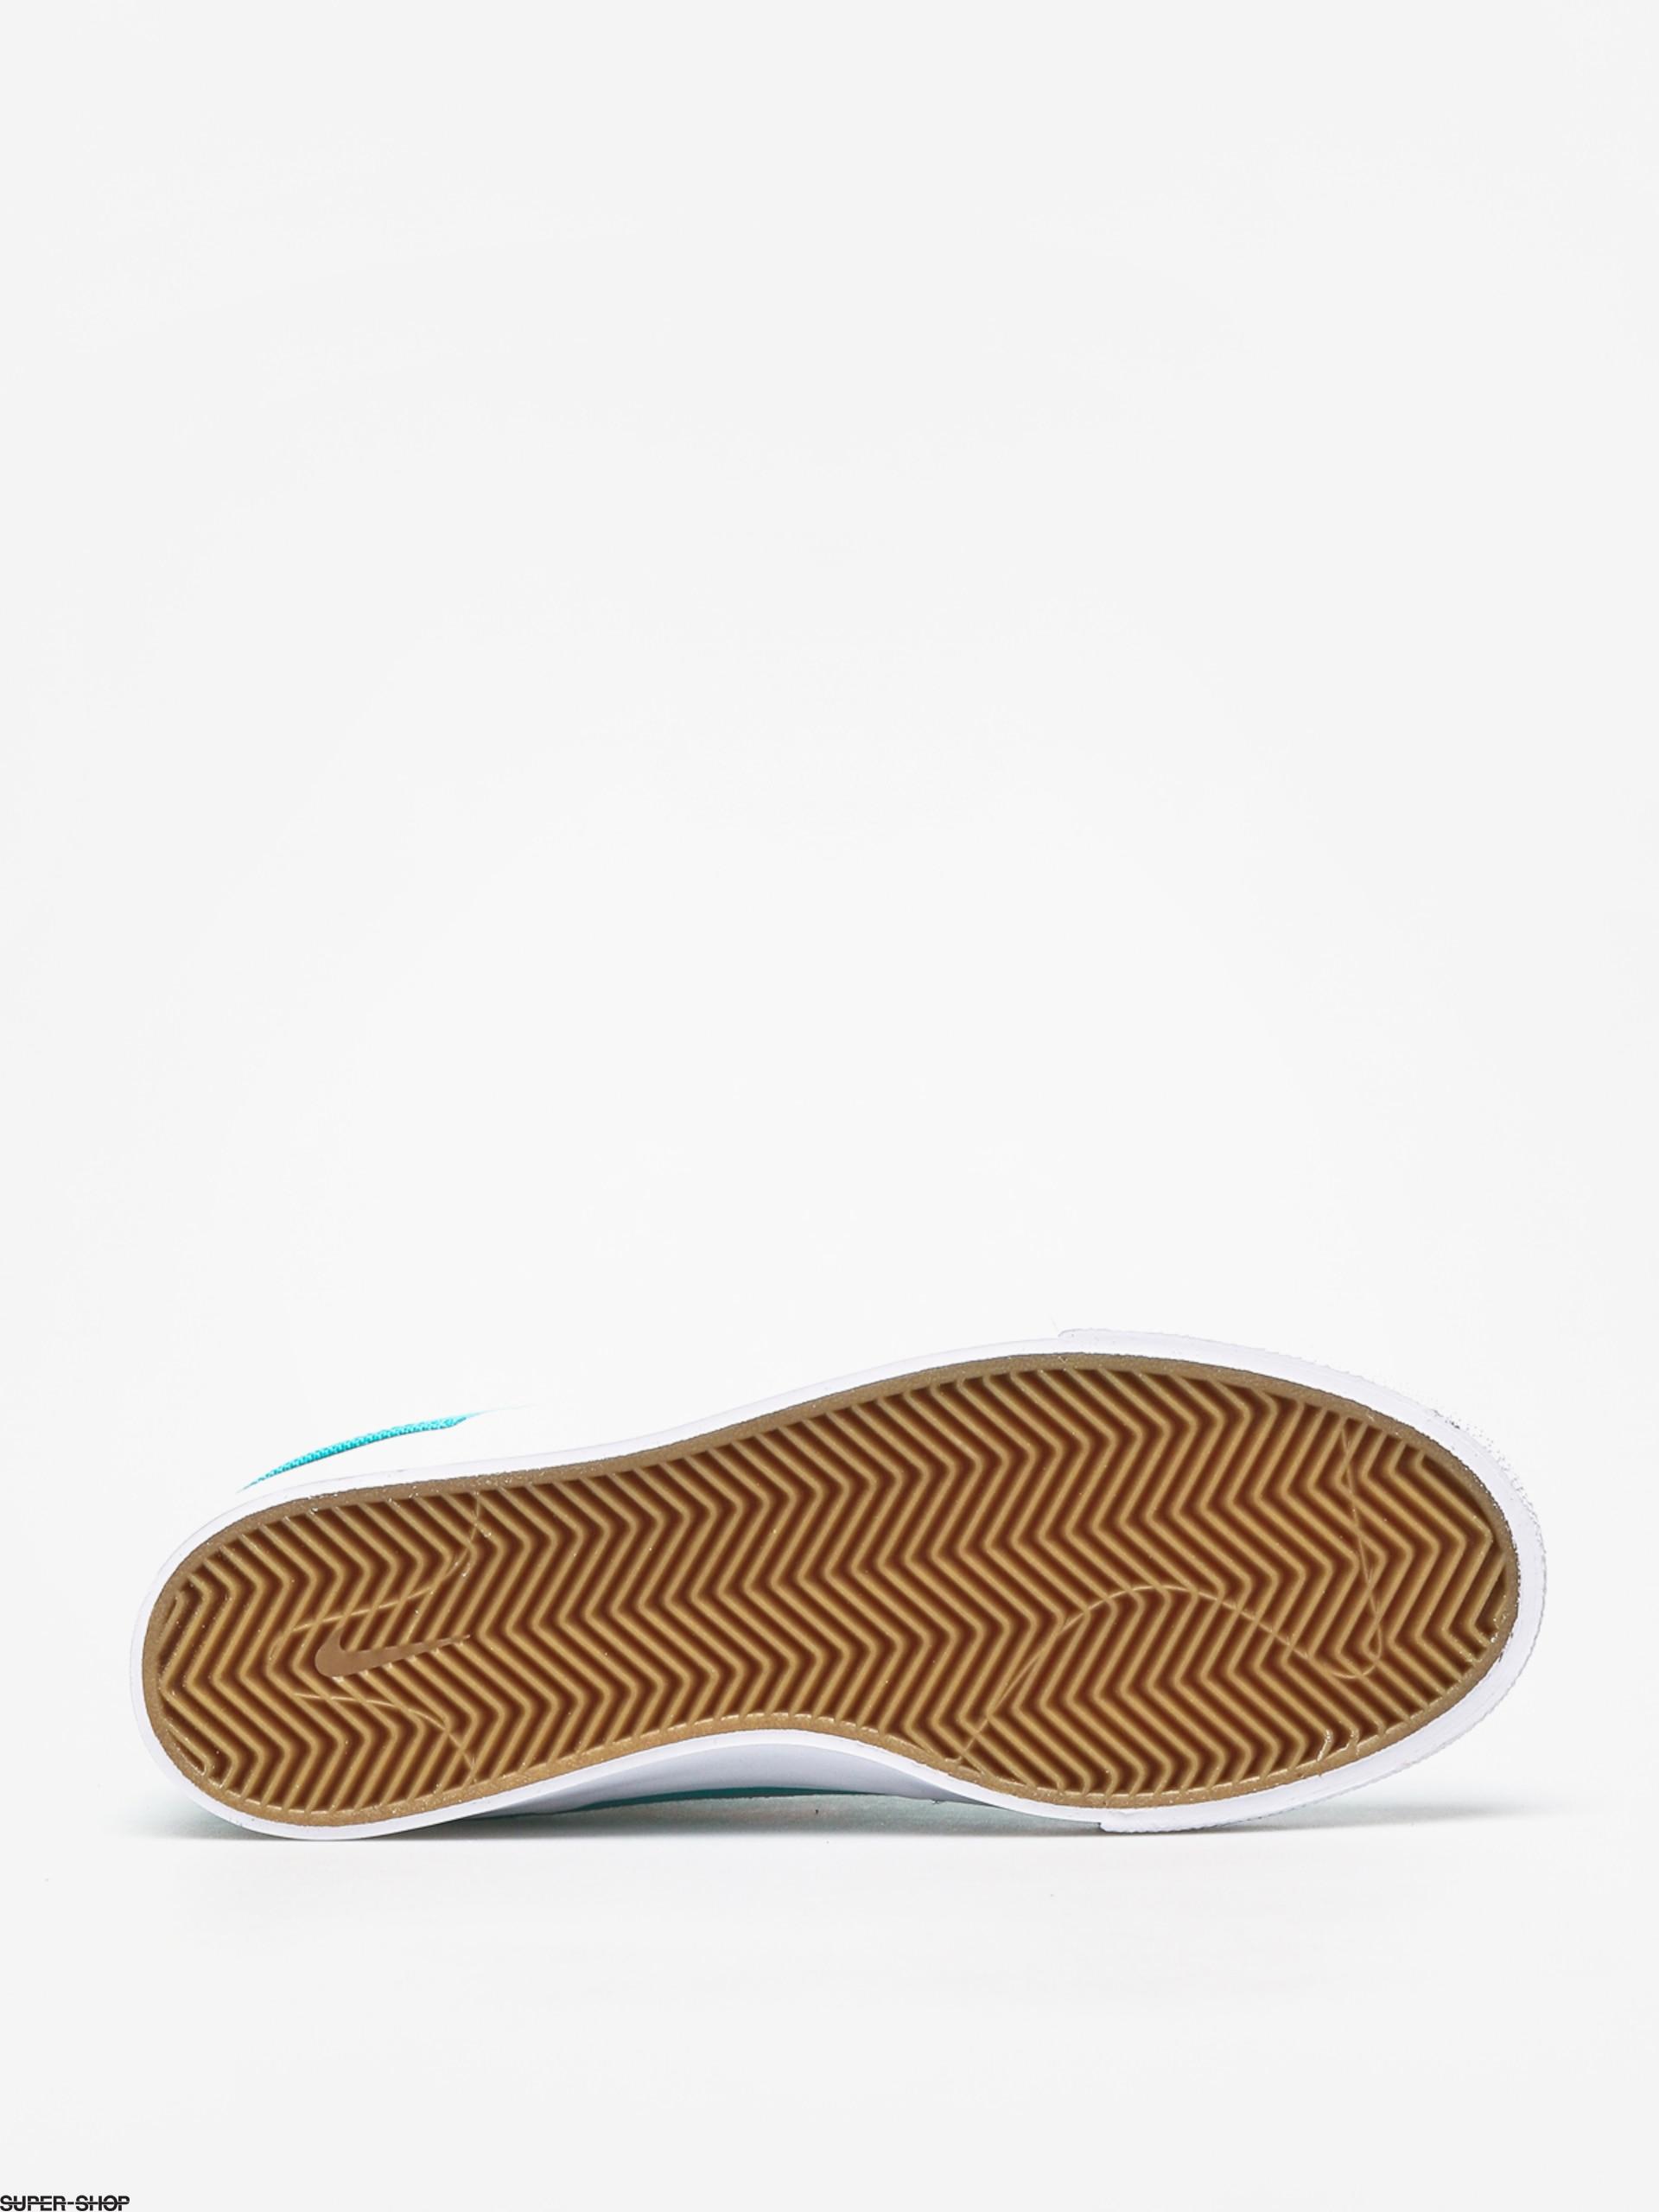 Nike SB Zoom Janoski Canvas Sneakers CabanaPink TintWhiteGum Light Brown